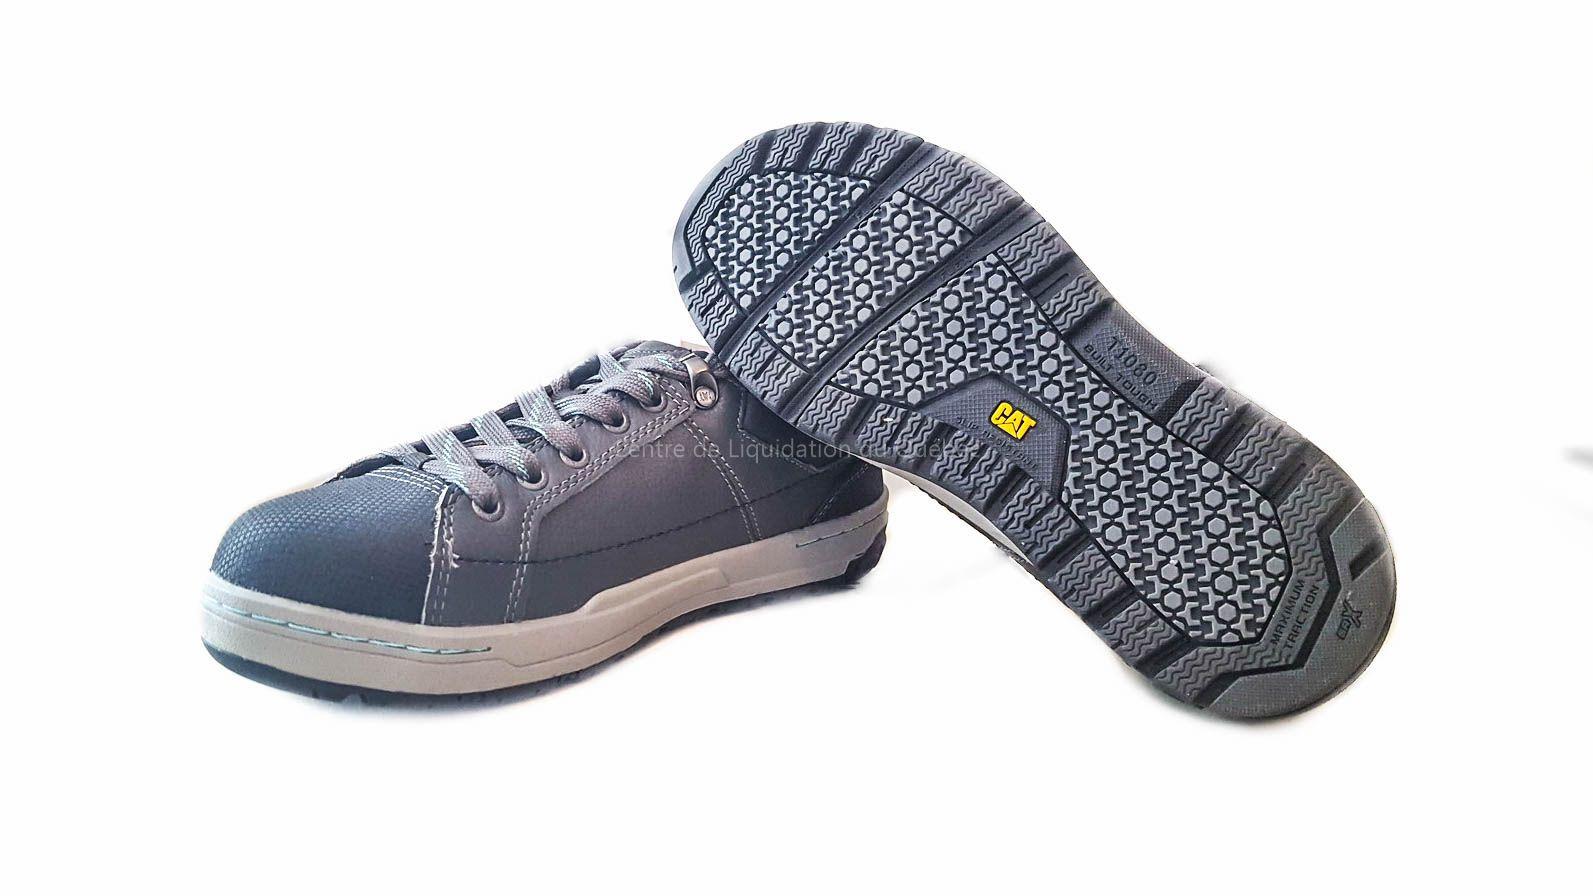 pas cher pour réduction 4dbc5 e8ddb Chaussure de sécurité CATerpillar T-1080 (Couleur Gris ...